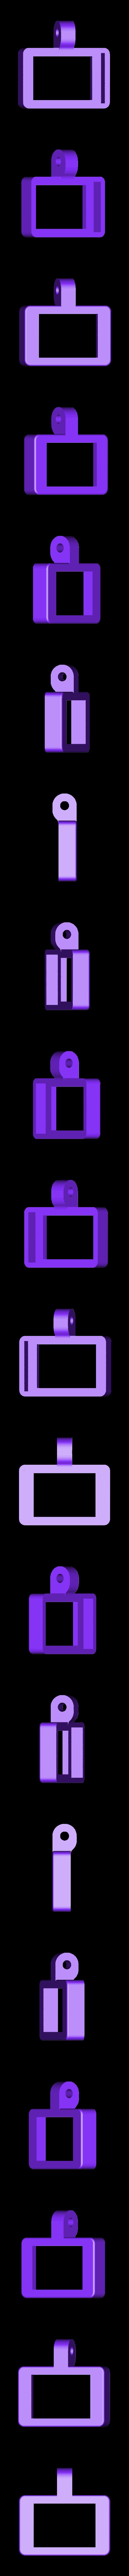 Case-Light-Led-C-2616.STL Télécharger fichier STL gratuit Led Light pour imprimante 3D • Modèle pour impression 3D, perinski